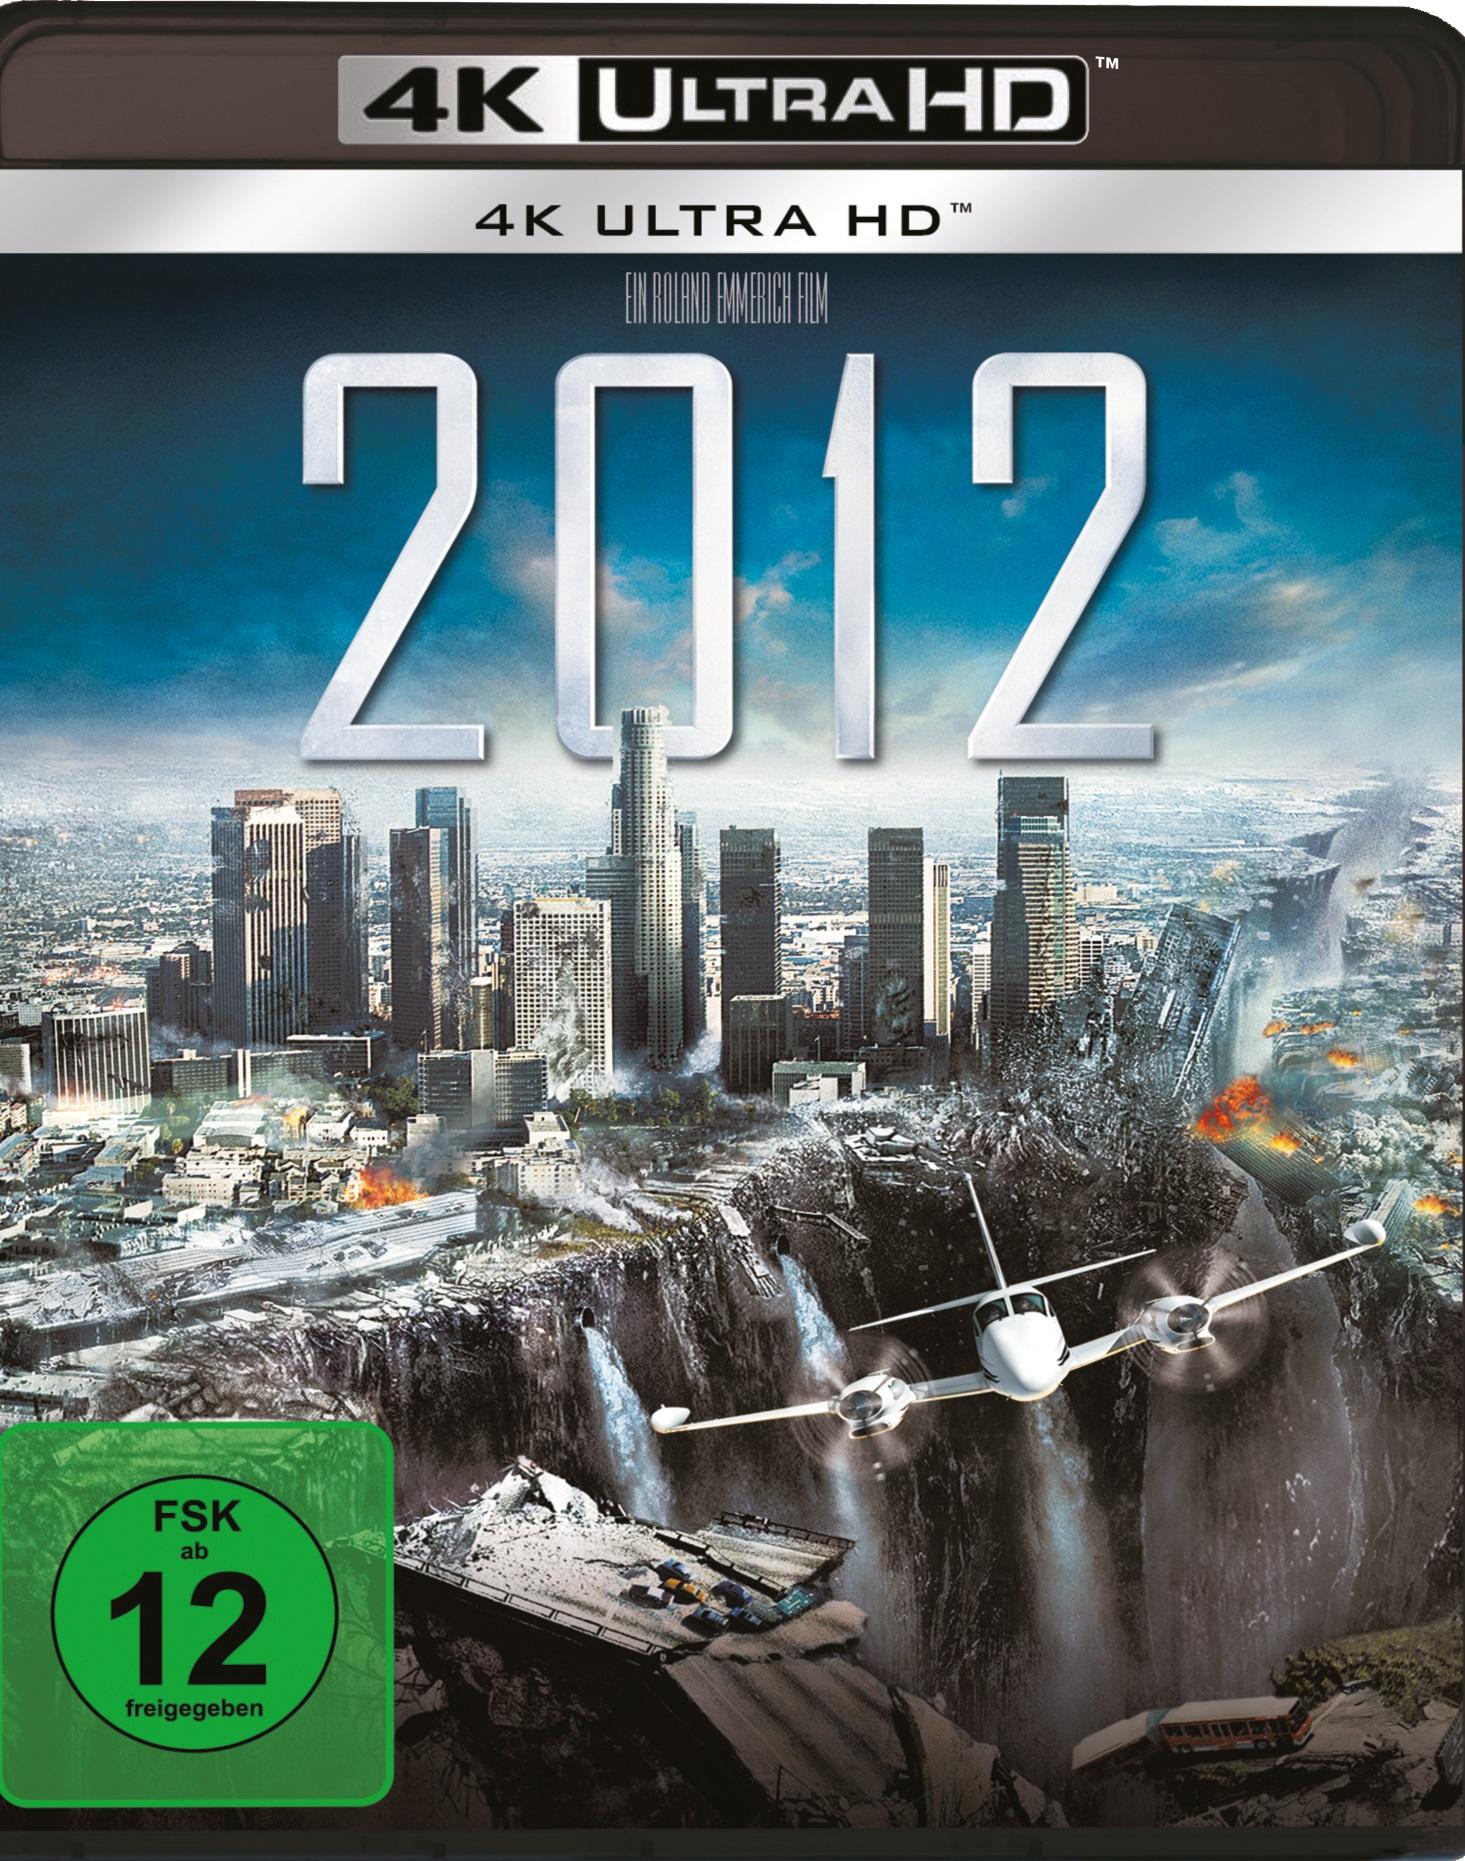 Uhd Blu Ray Kritik 2012 4k Review Rezension Test